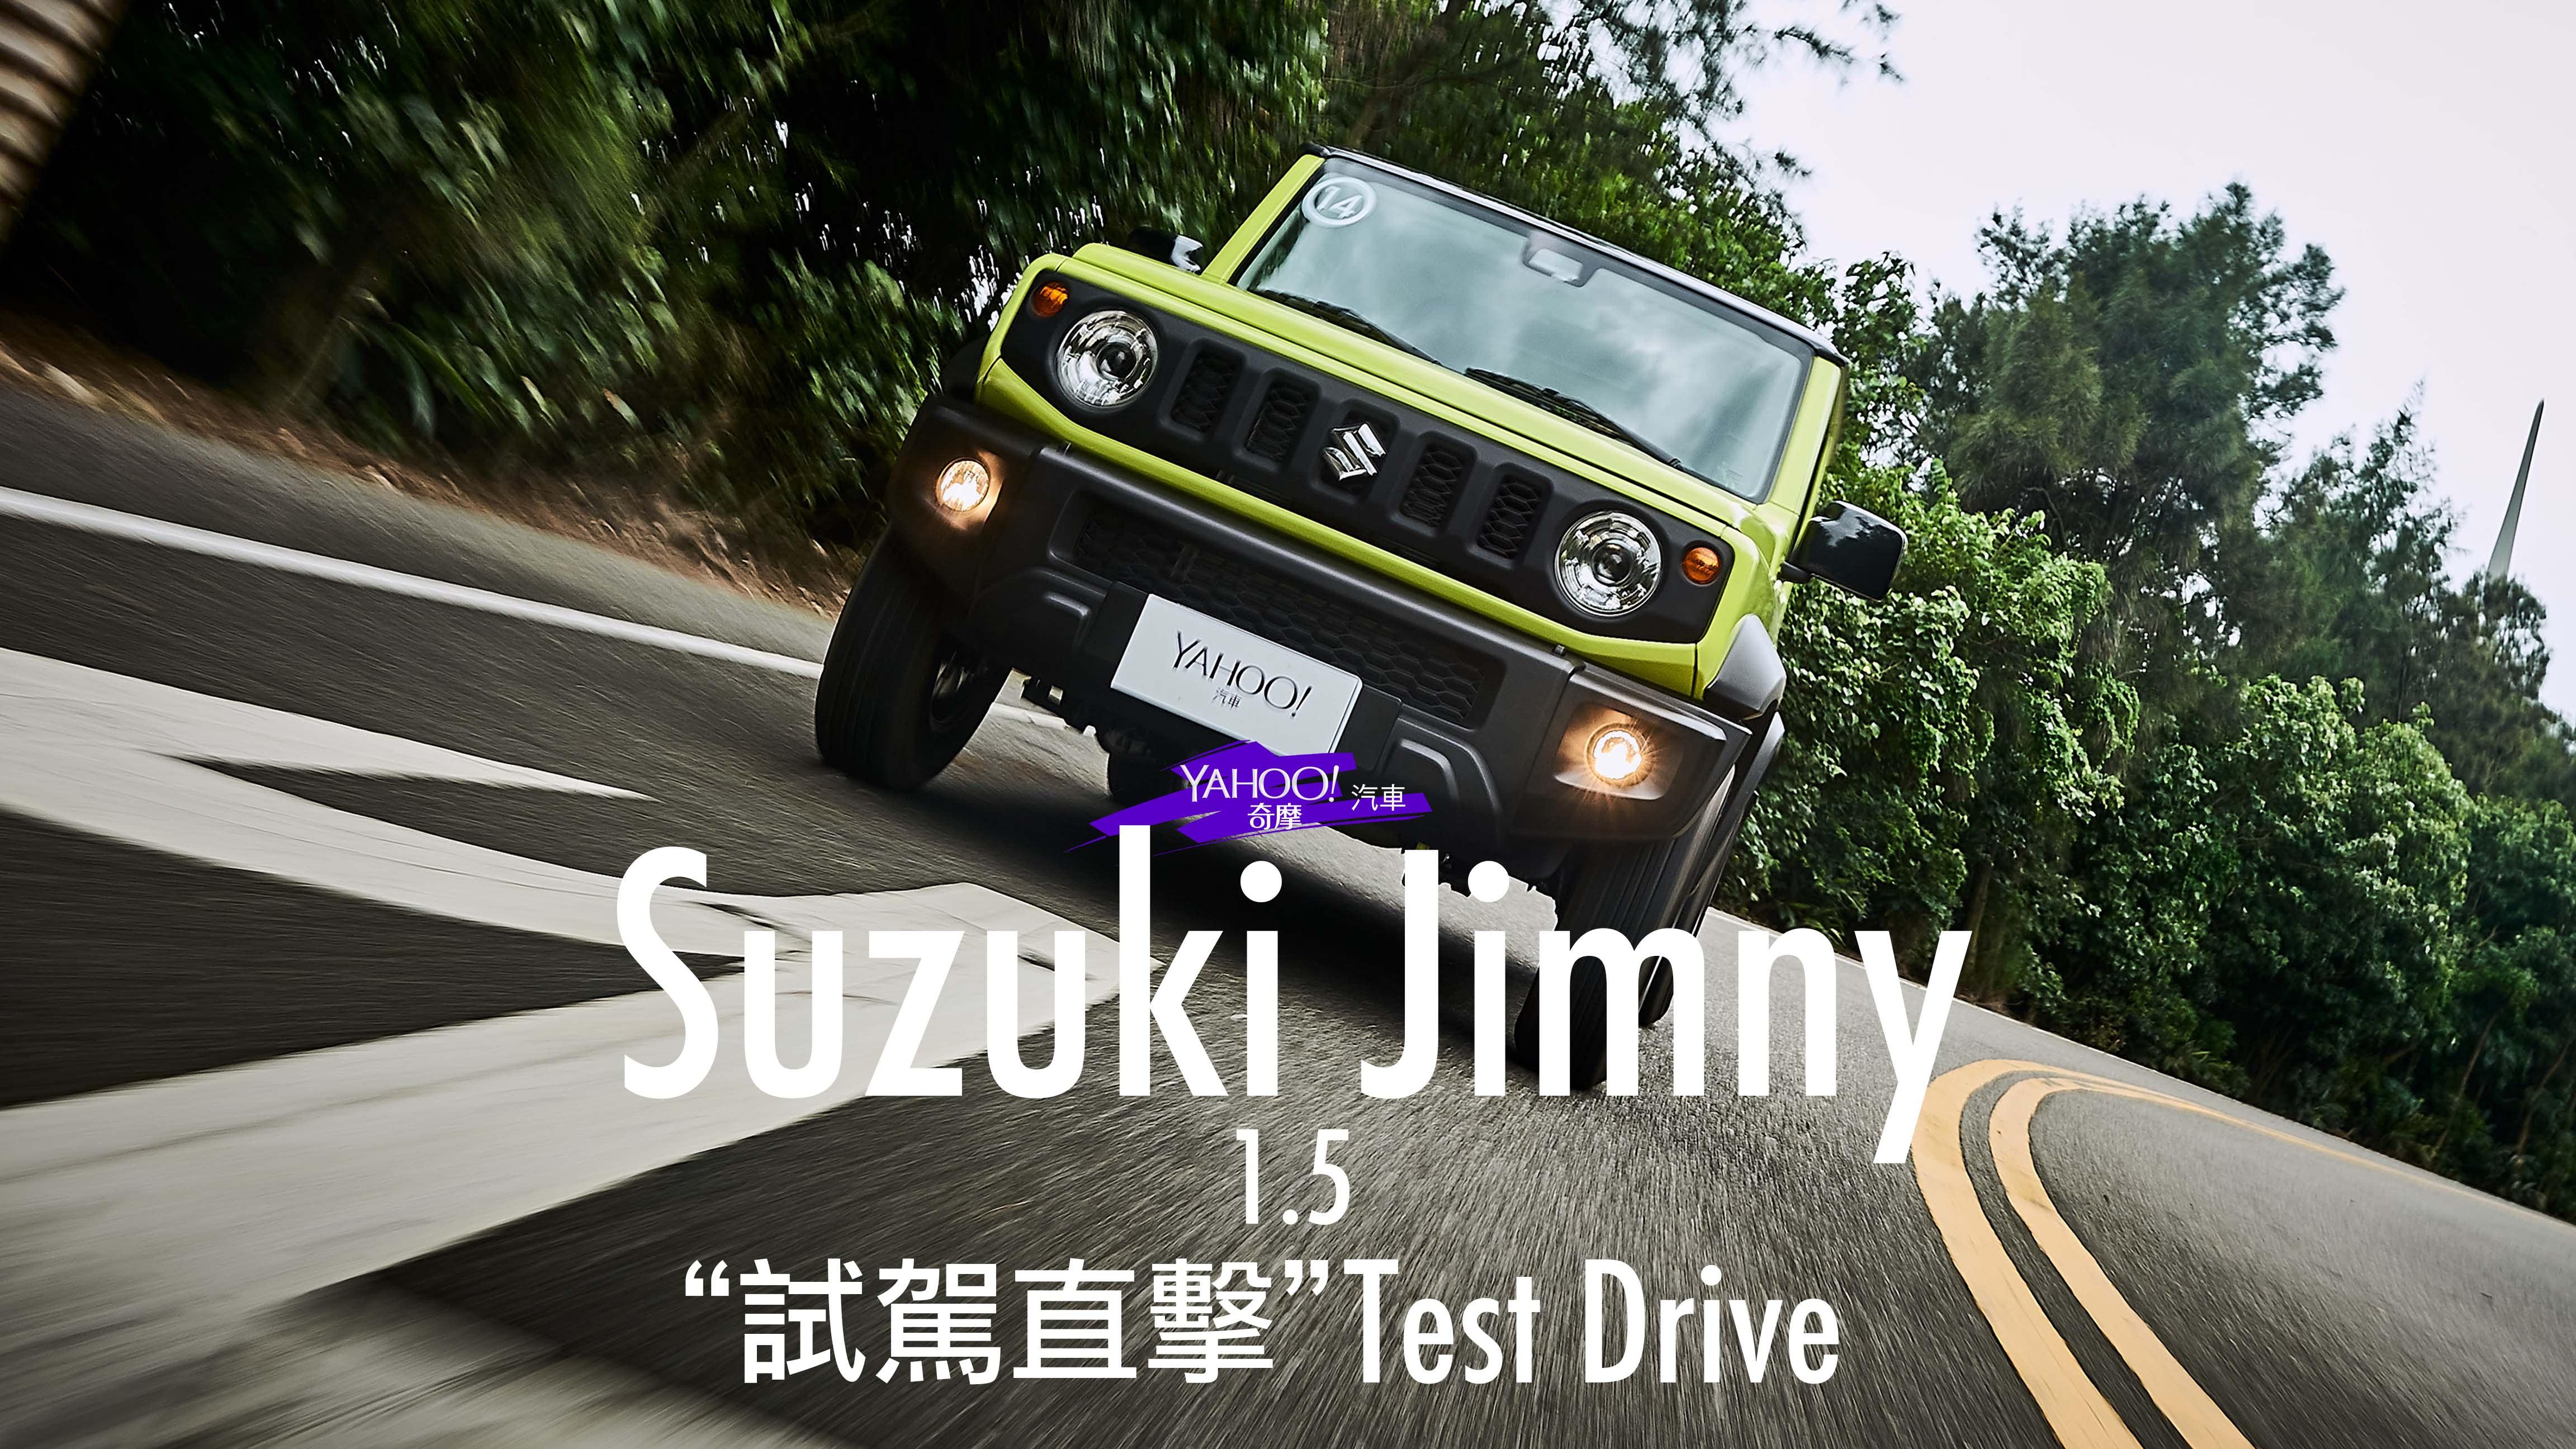 【試駕直擊】真的是難以抗拒的雙棲奇行種!2019 Suzuki Jimny 1.5西濱試駕